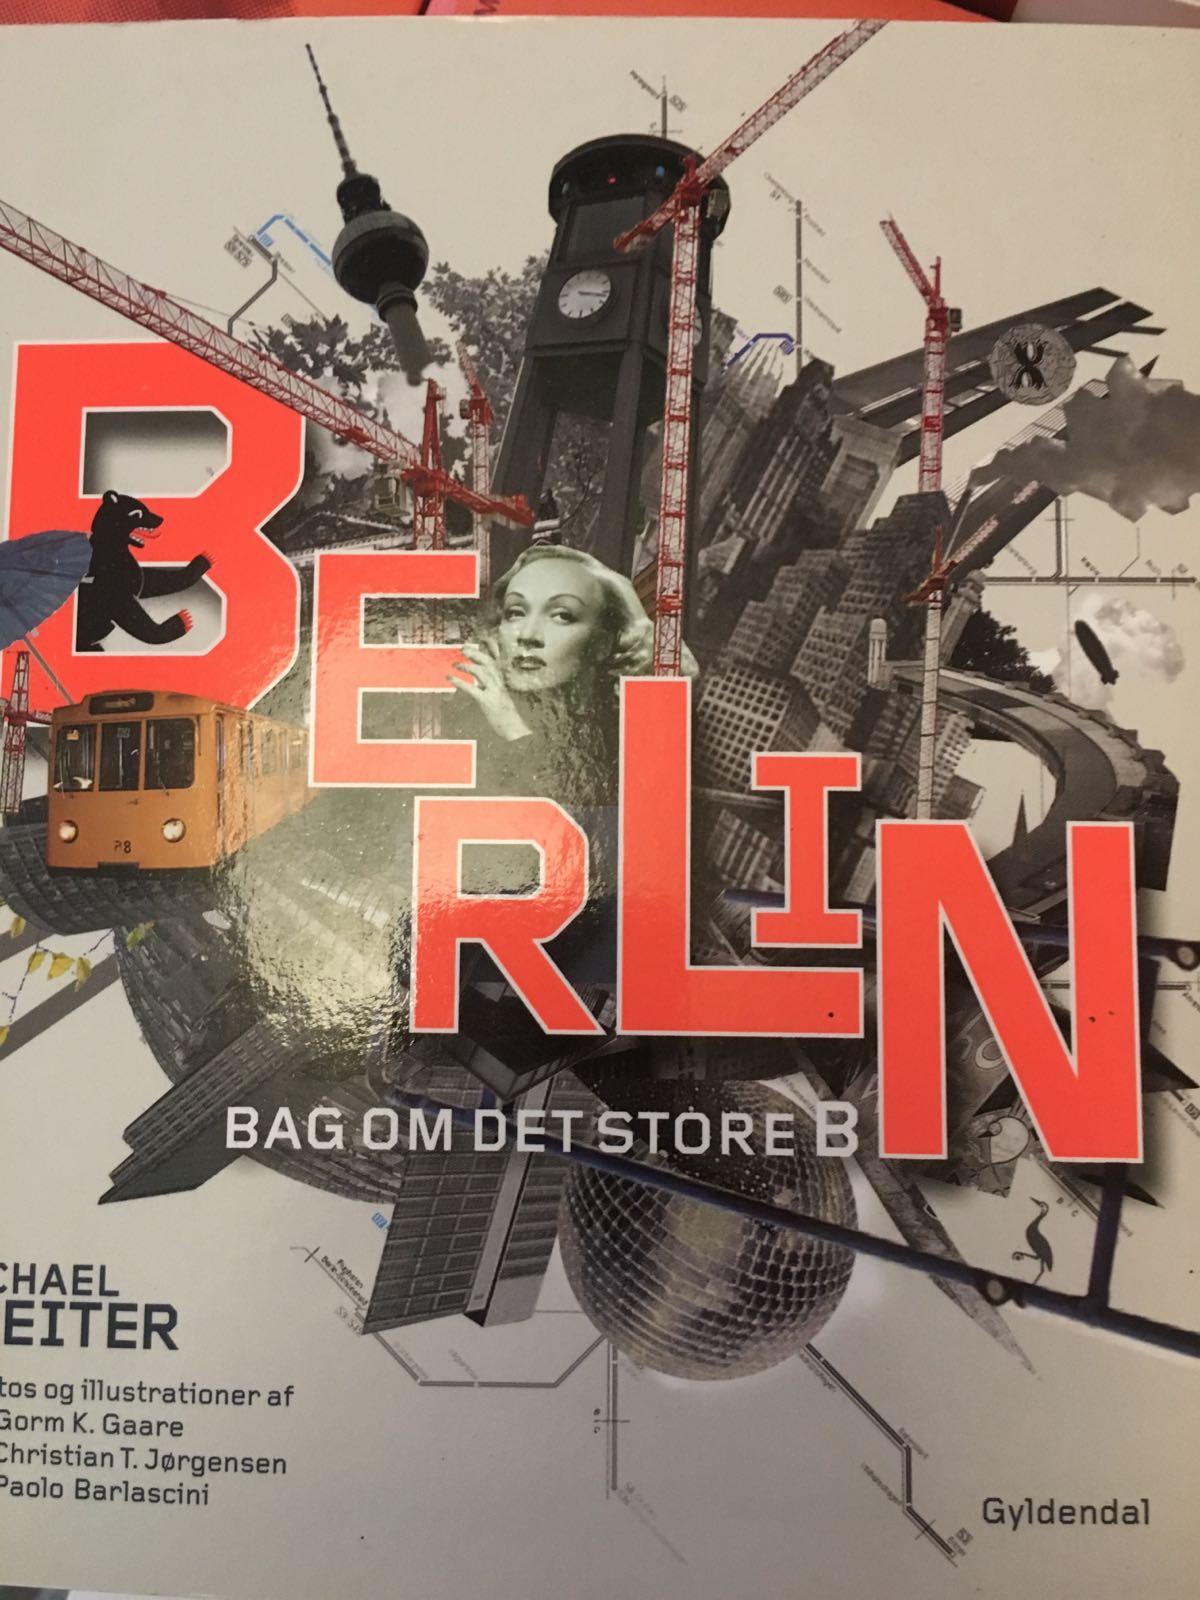 Berlin - Bag om det store B af Michael Reiter